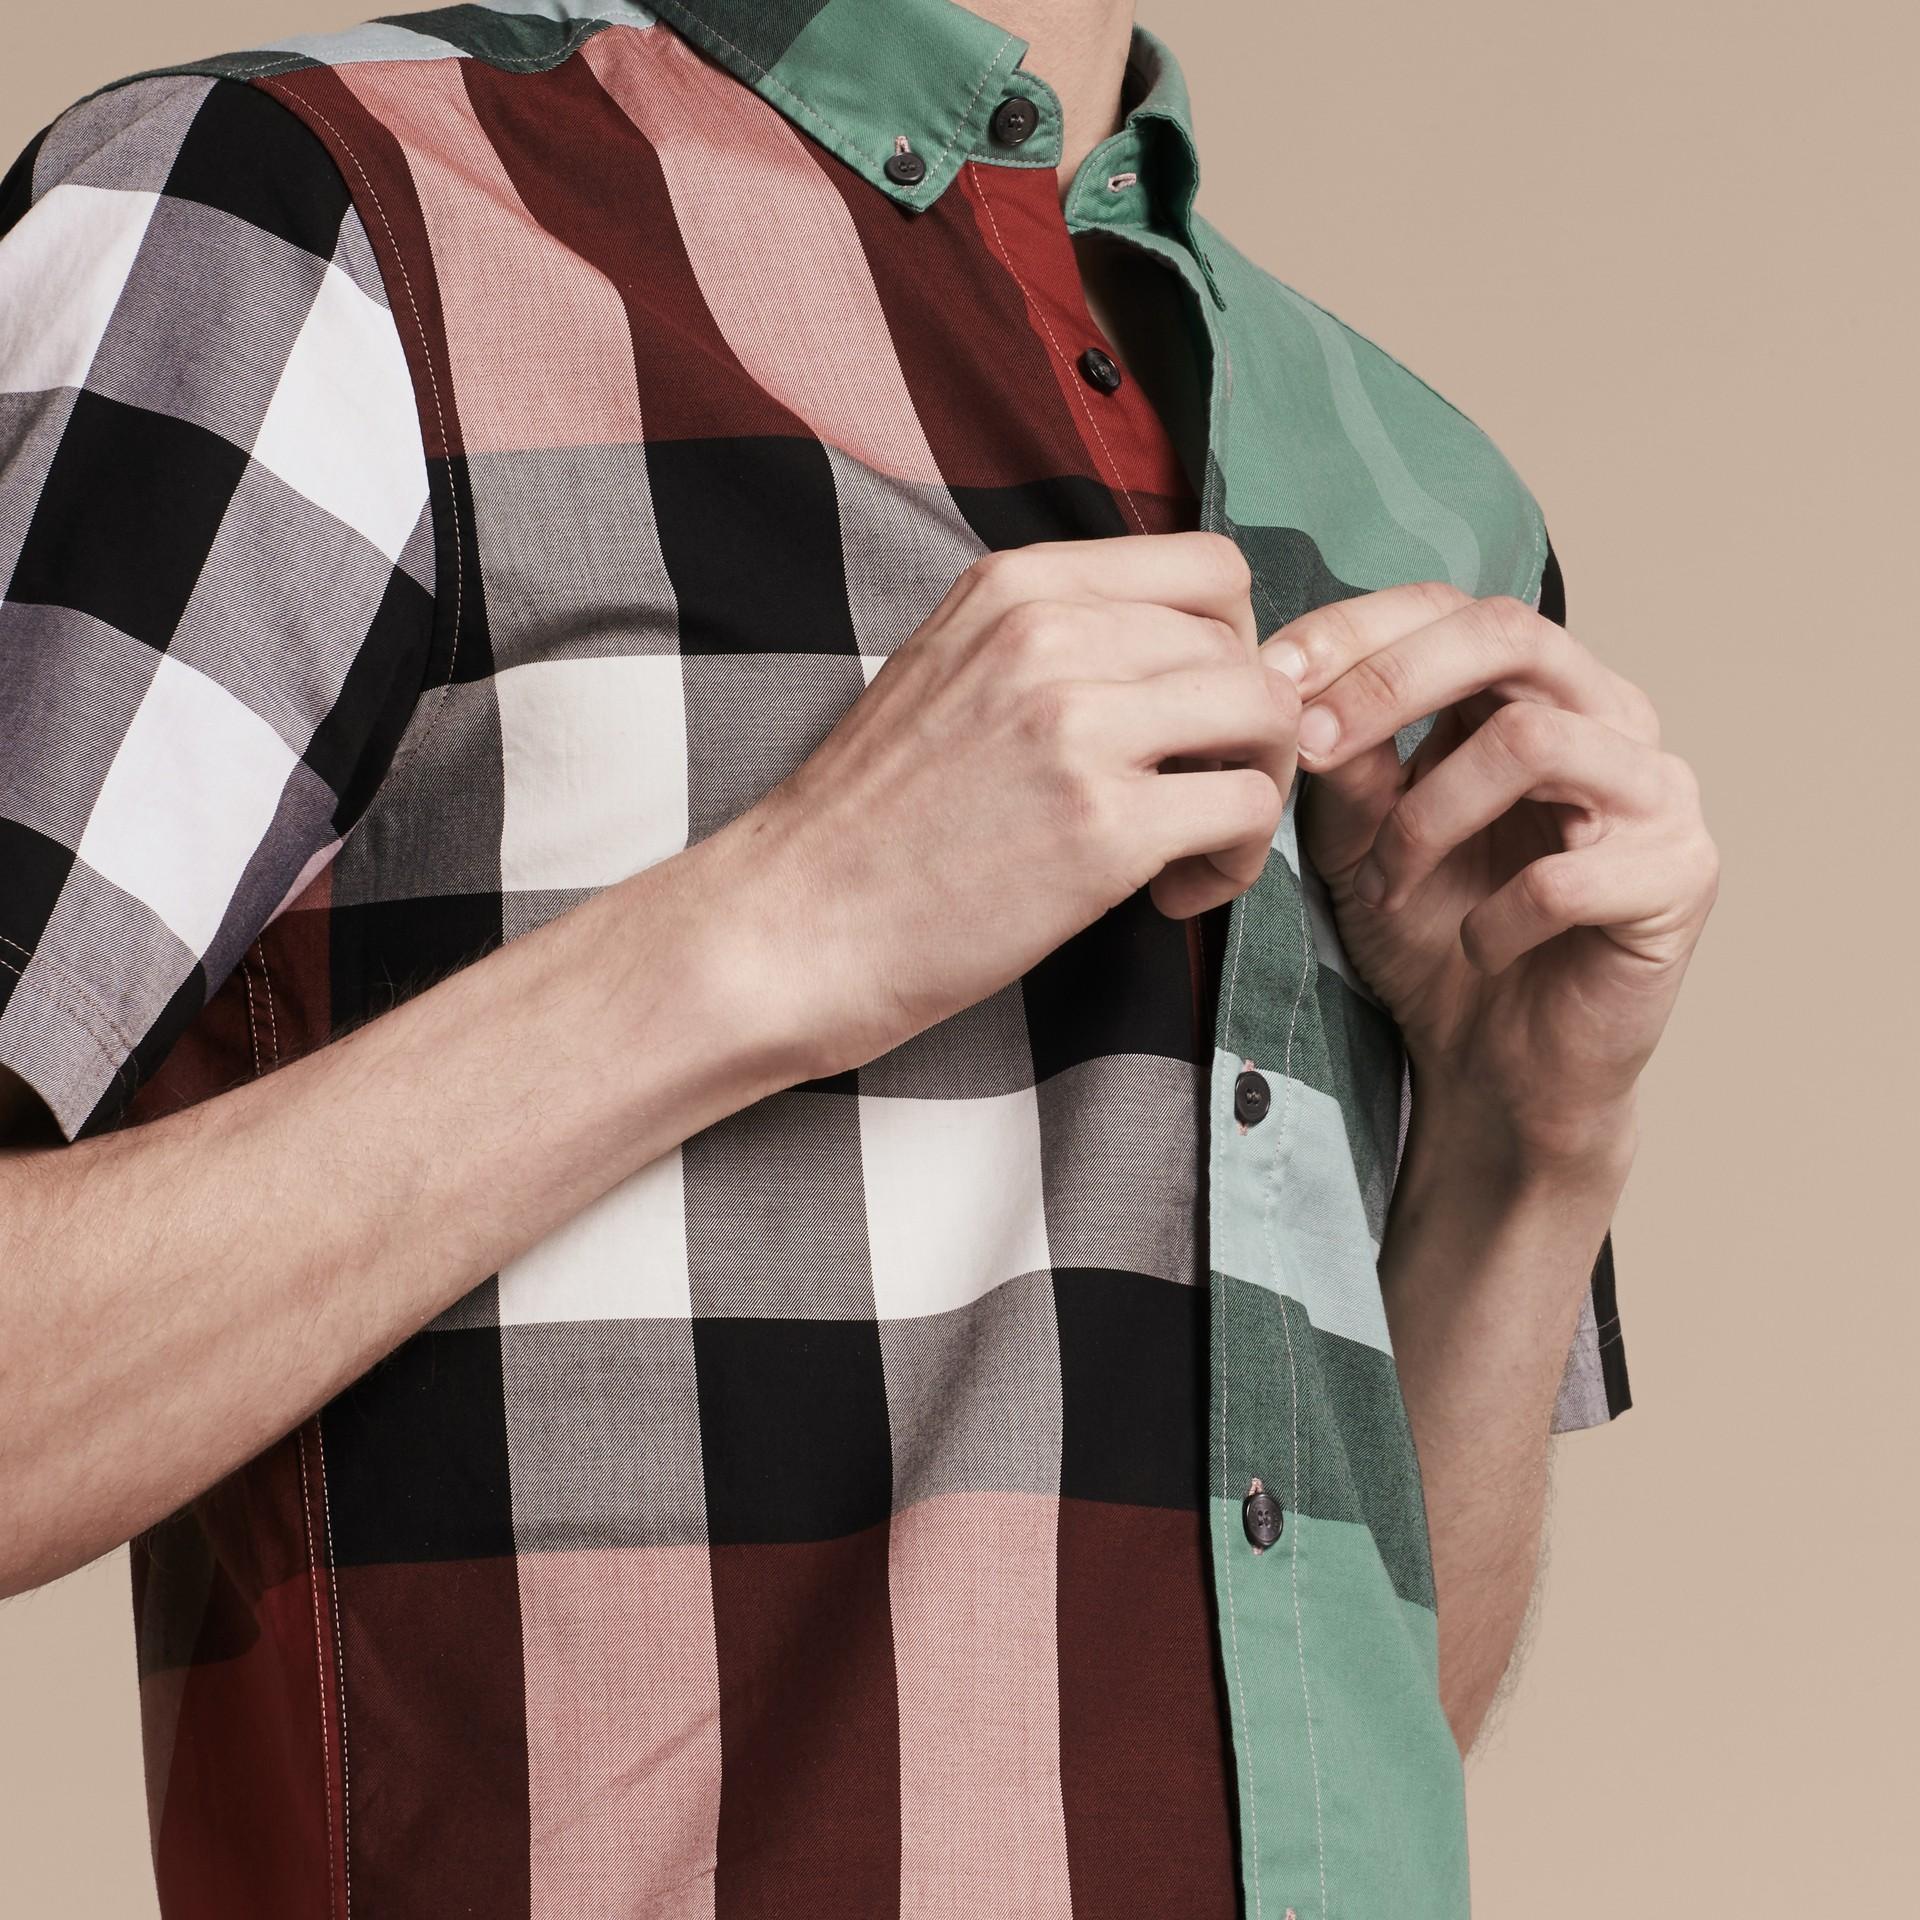 Parade red Camisa de algodão de mangas curtas e estampa Colour Block xadrez Parade Red - galeria de imagens 5